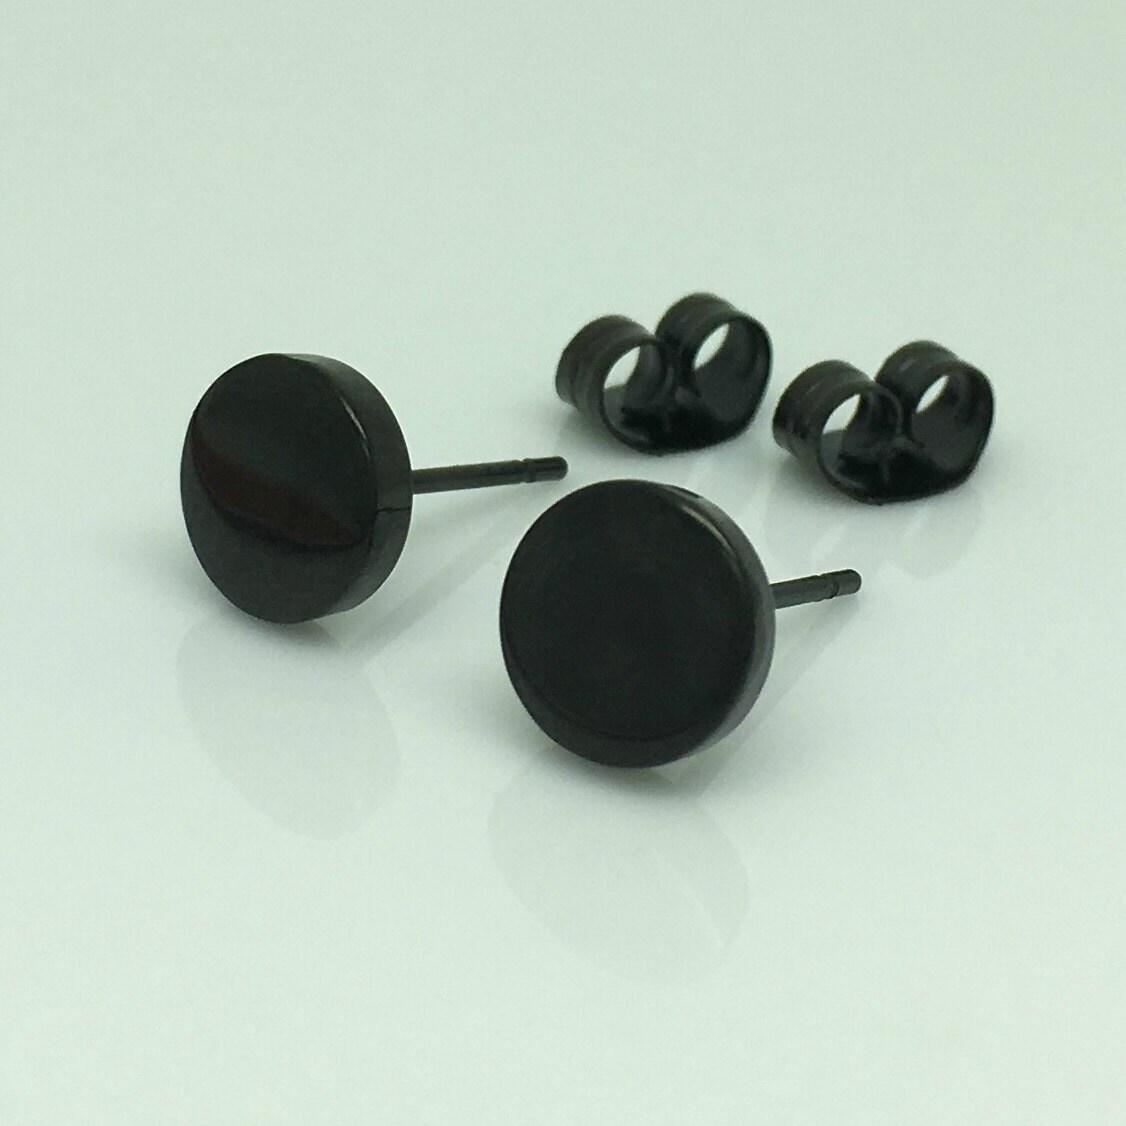 Black Disc Stud Earrings